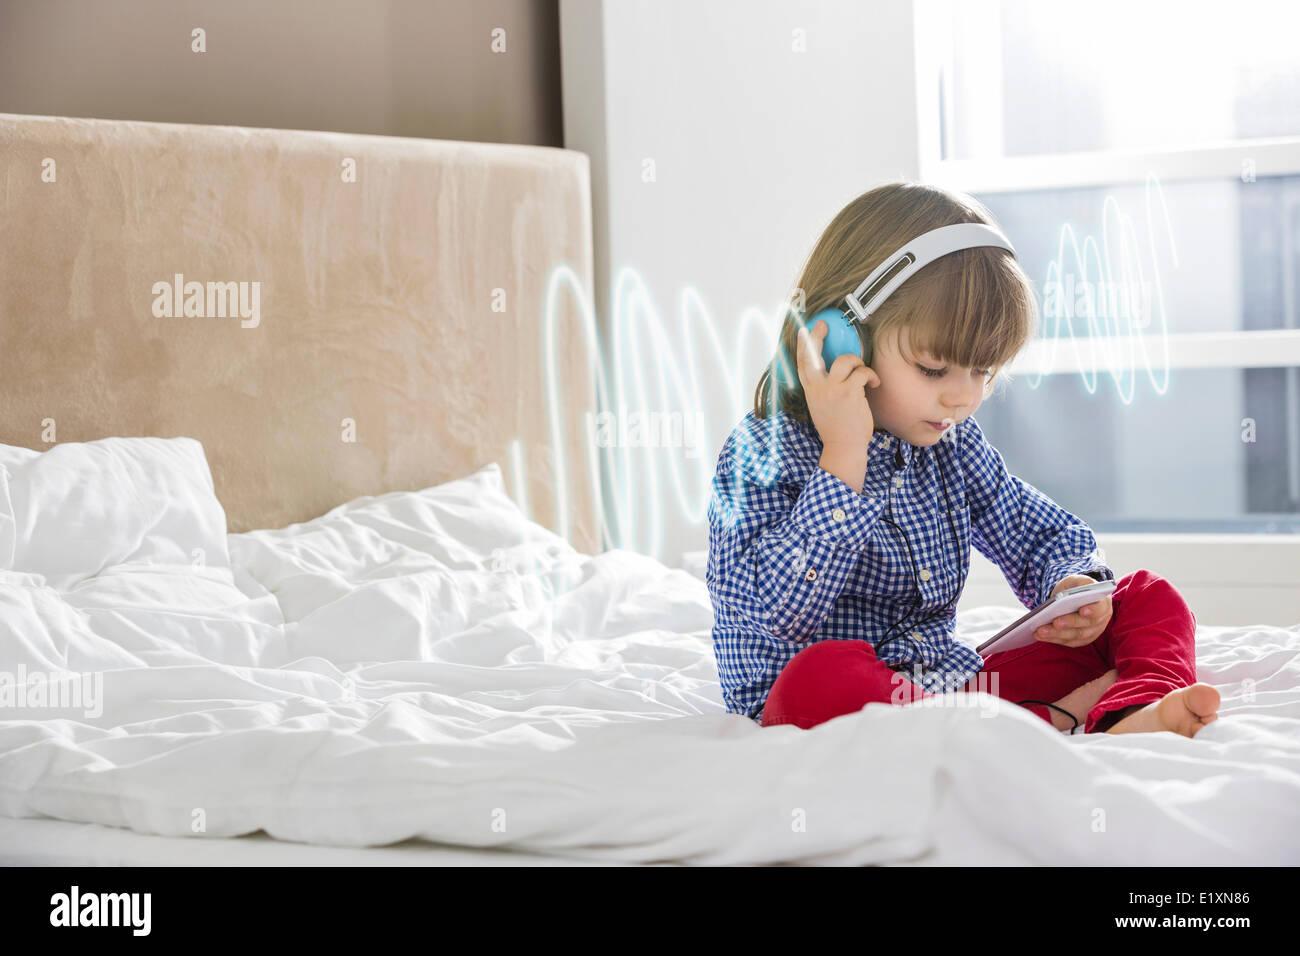 Lunghezza completa di boy ascoltando la musica attraverso le cuffie sul letto Immagini Stock